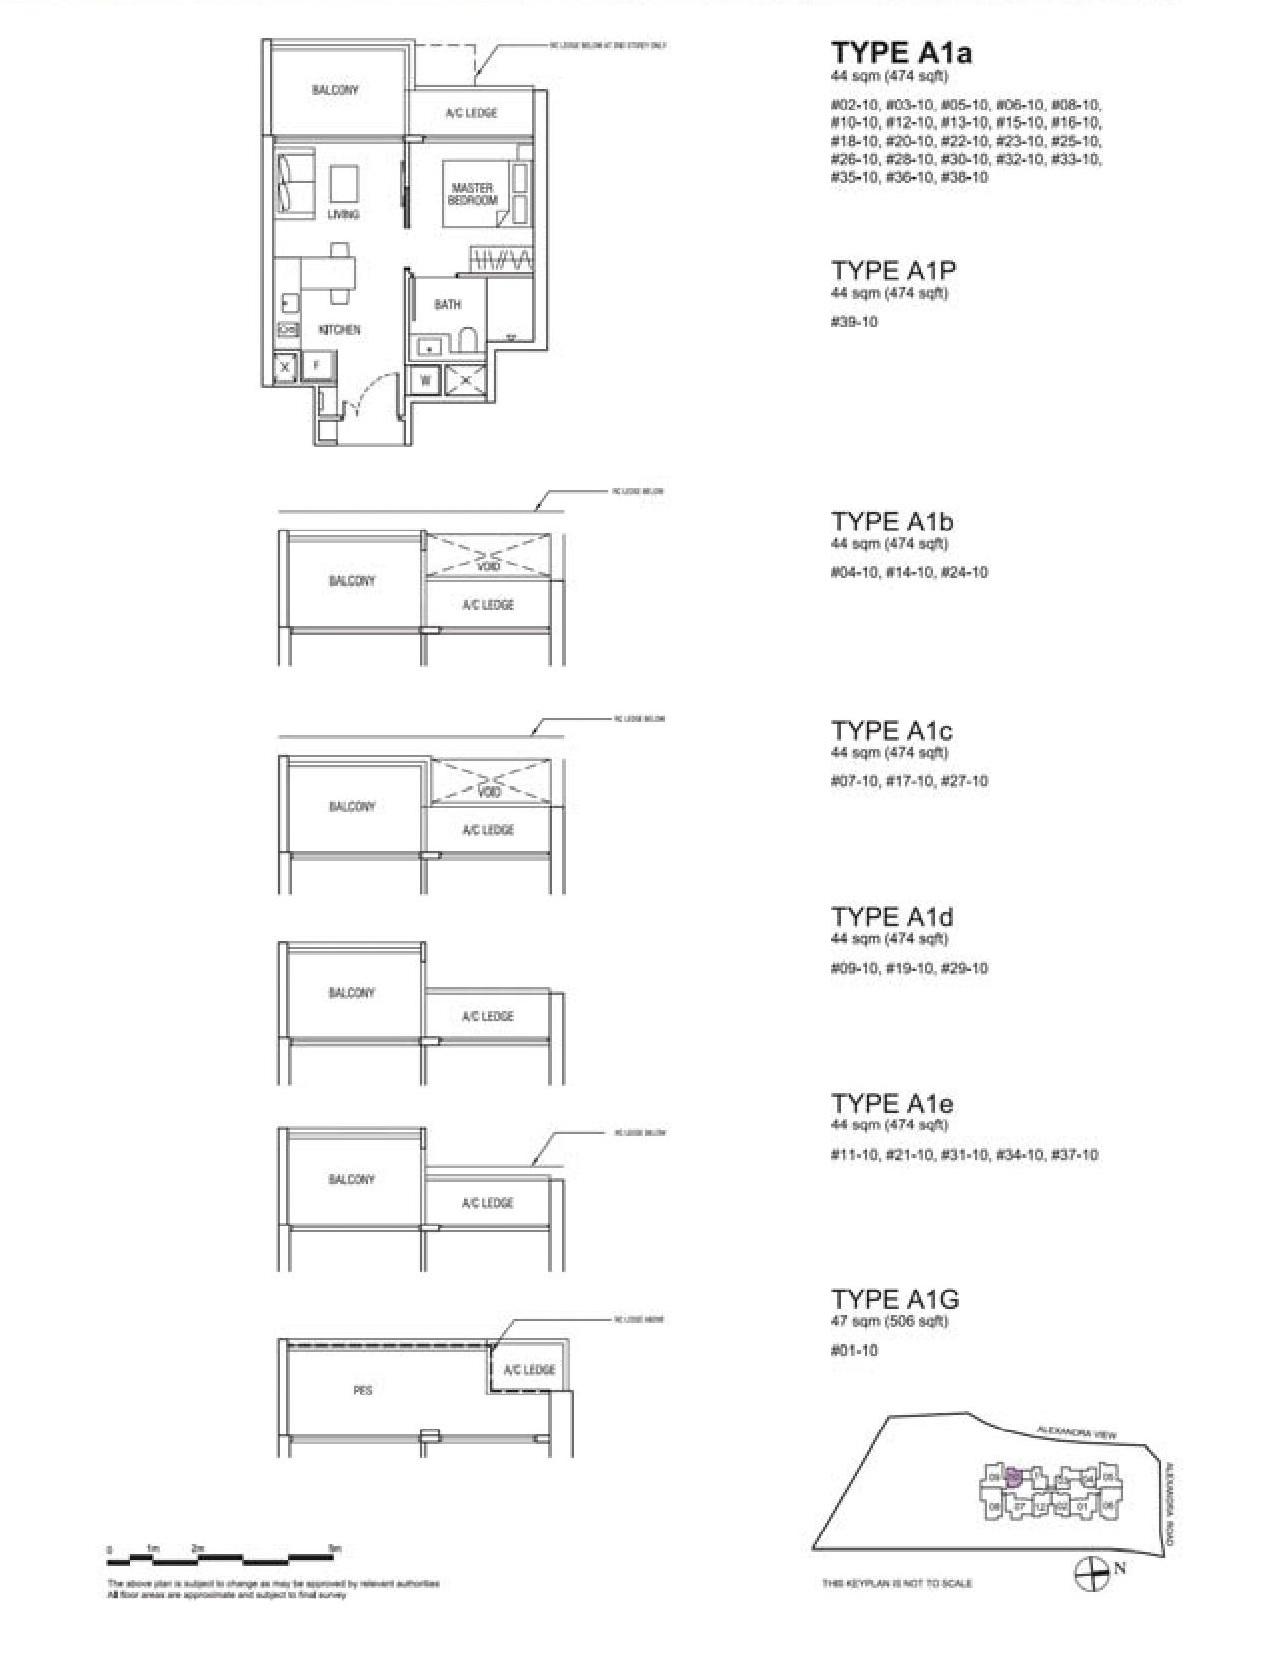 Alex Residences 1 Bedroom Type A1a, A1P, A1b, A1c, A1d, A1e, A1G Floor Plans